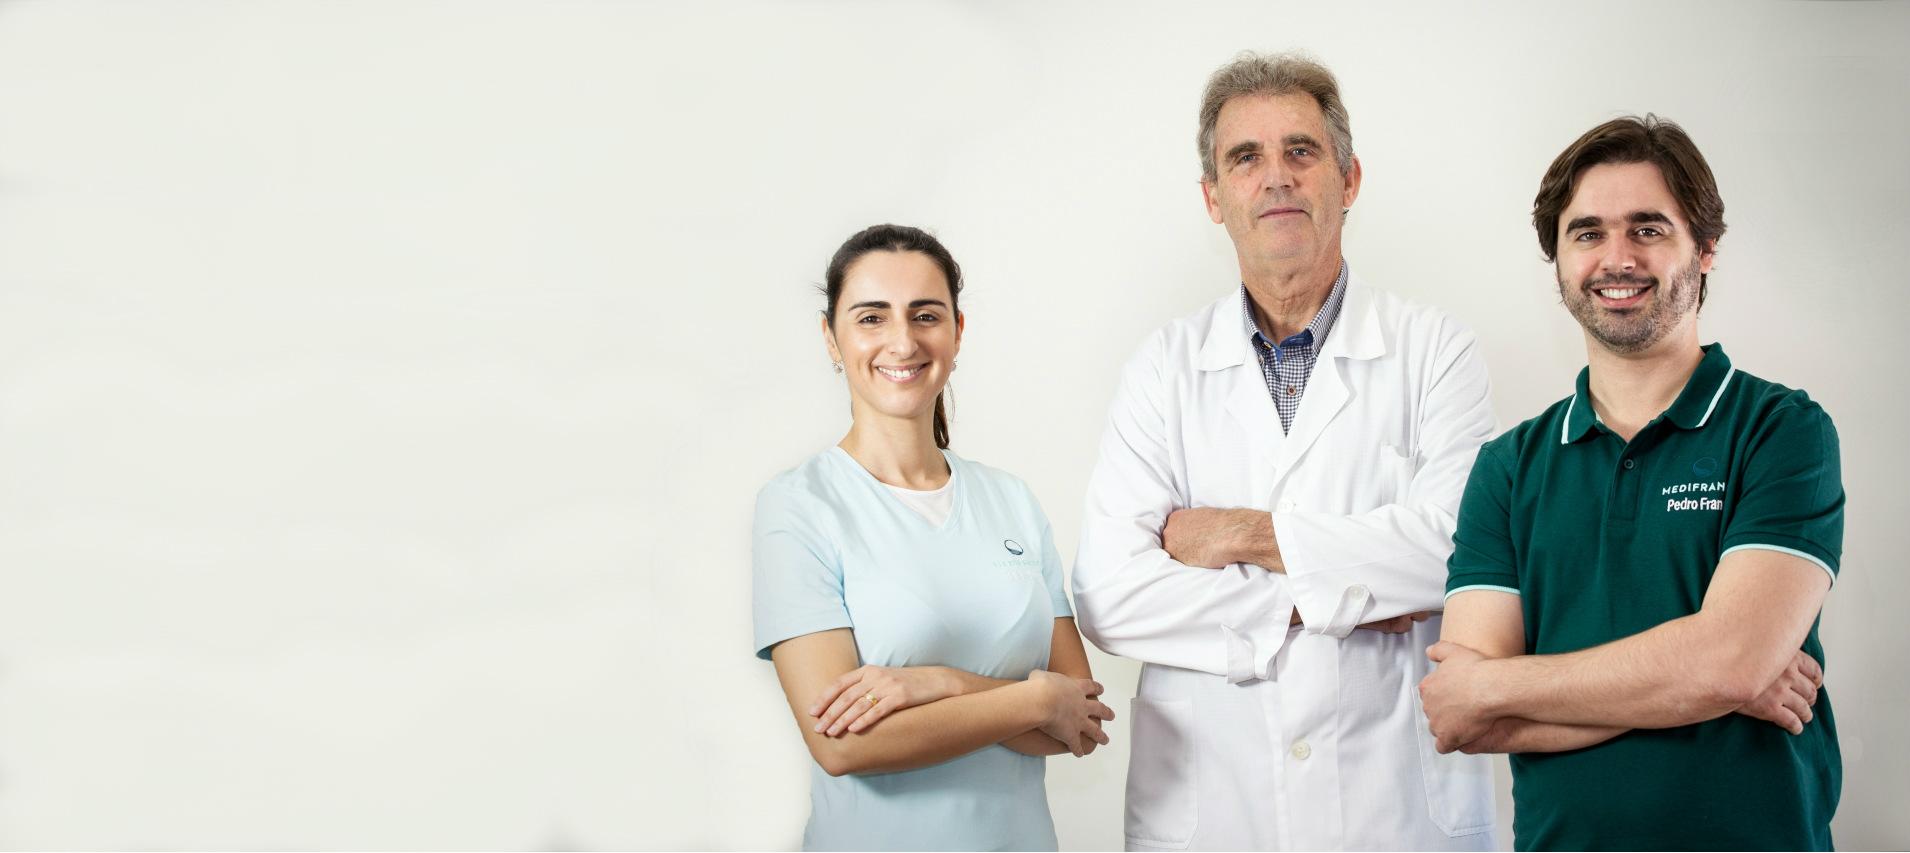 Equipa da clinica Medifranco em dentista e oftalmologista